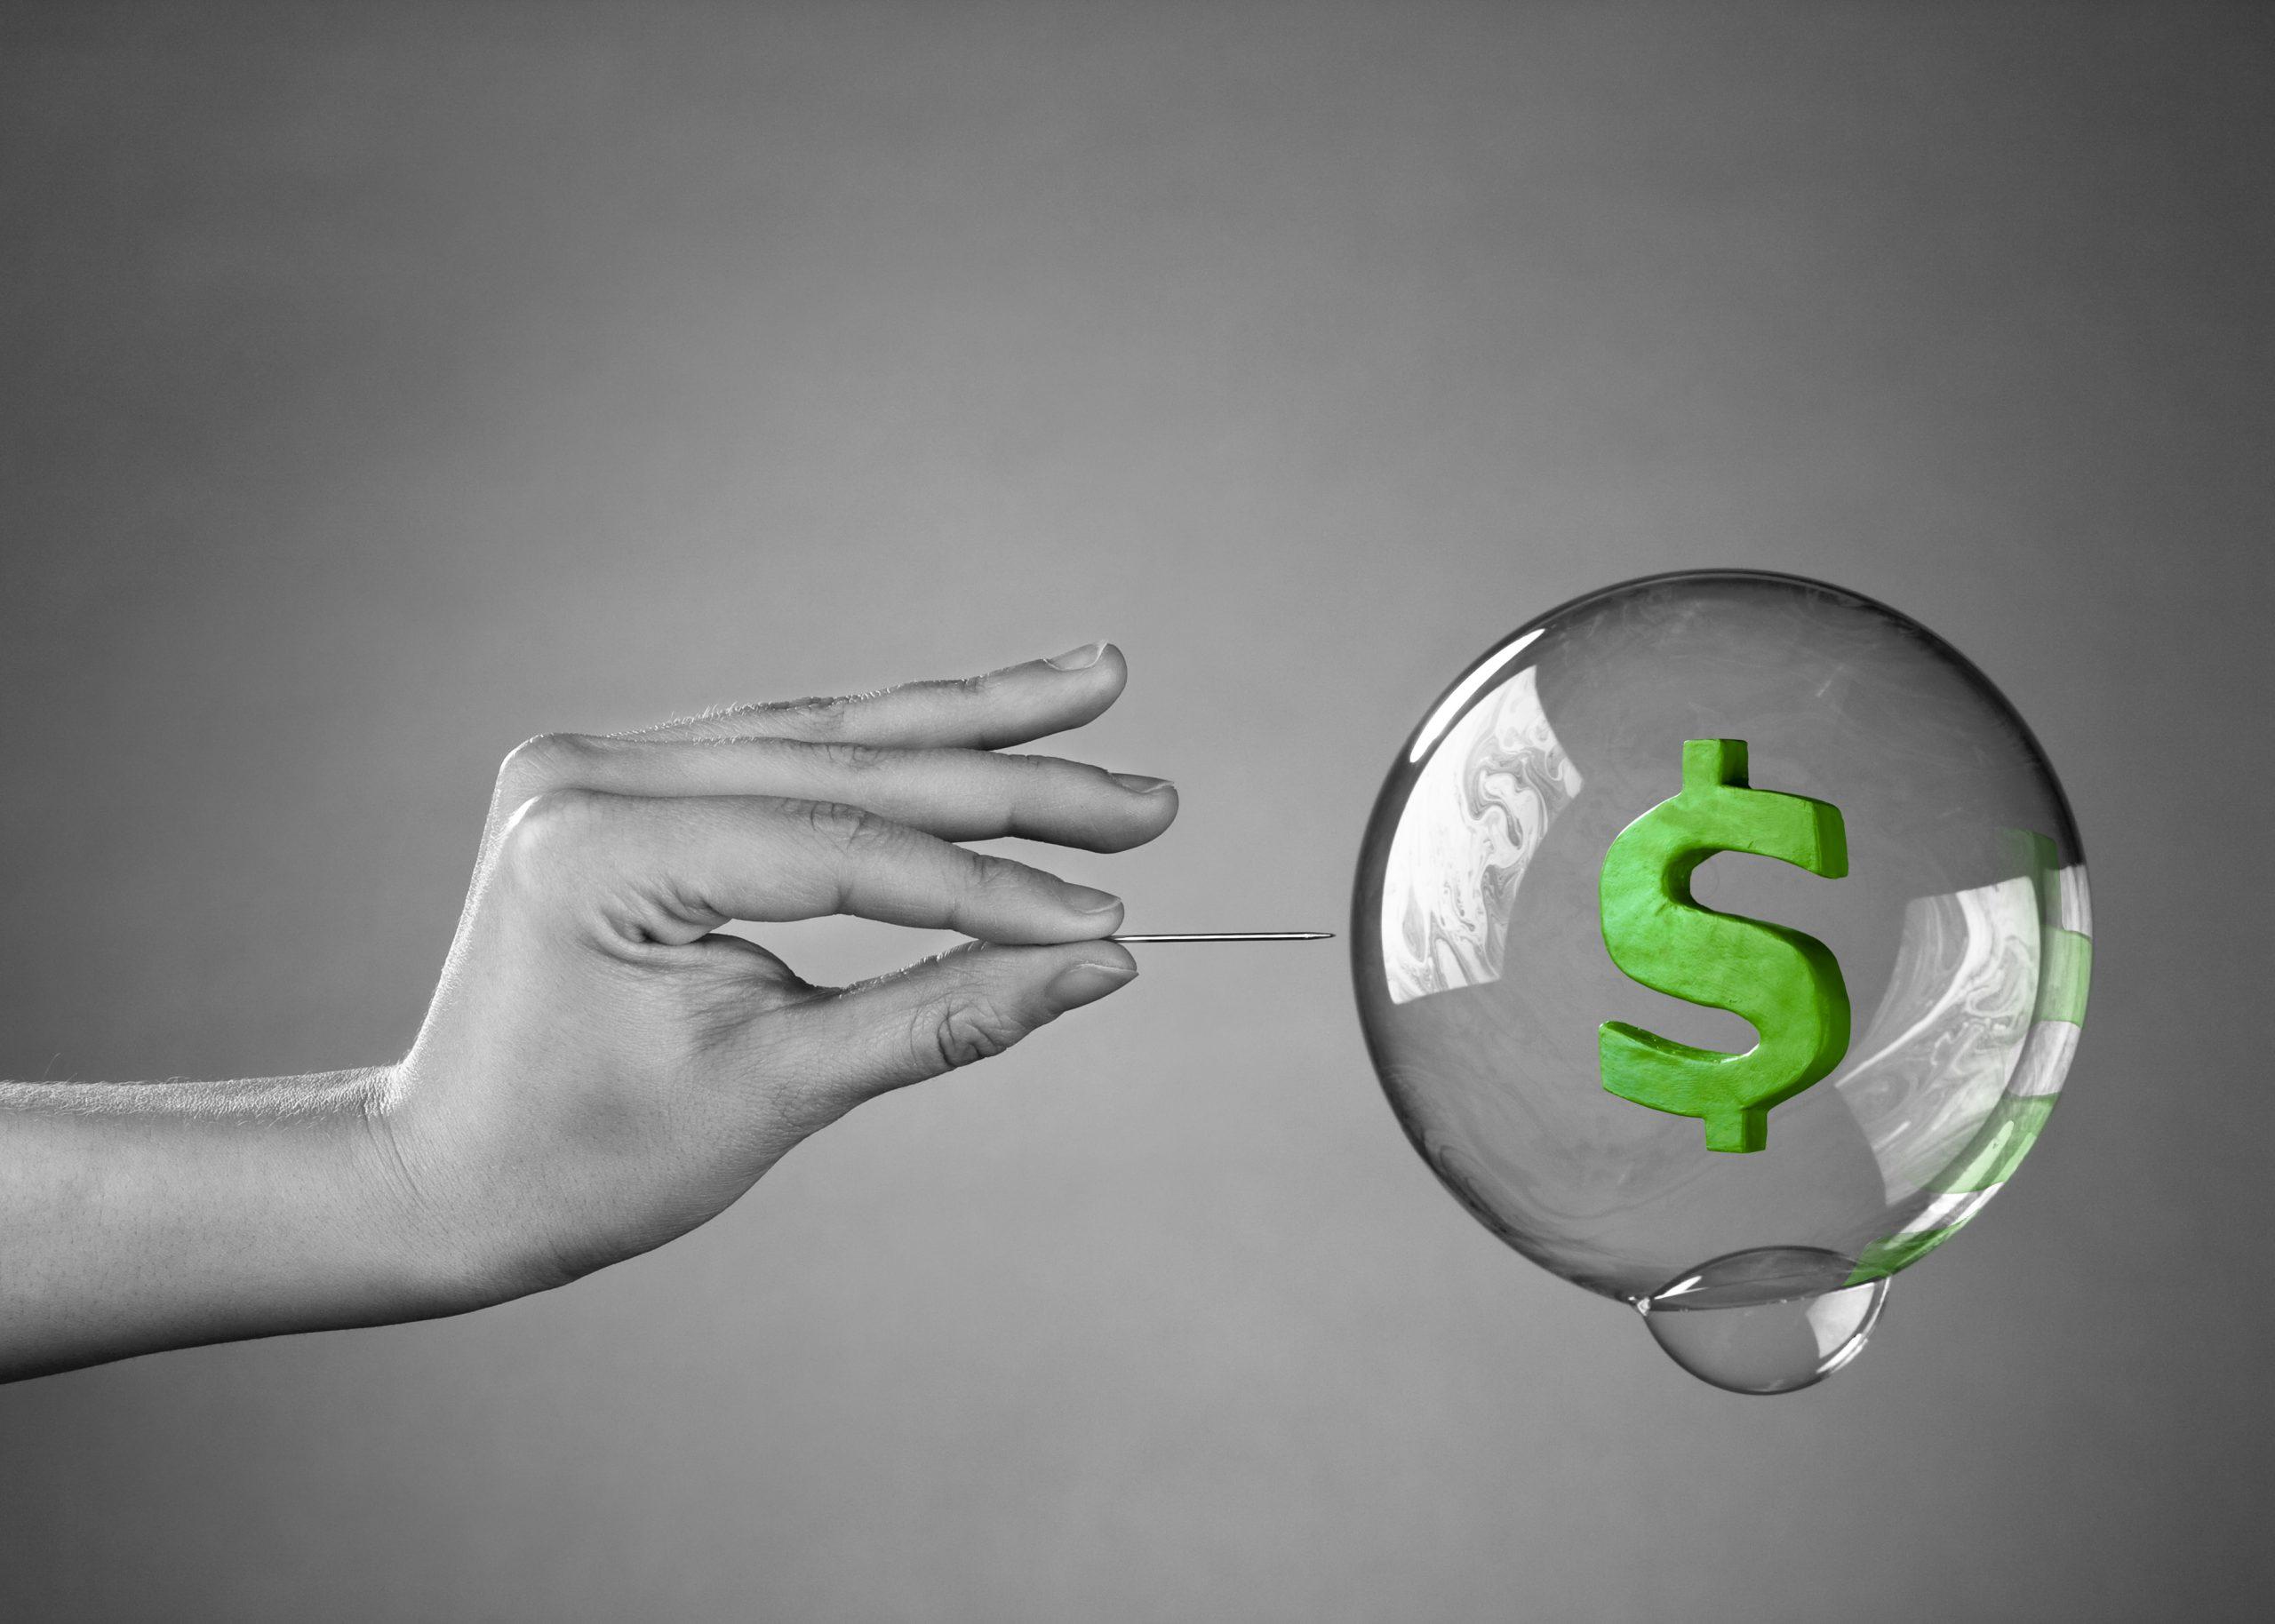 bitcoin stock market bubble